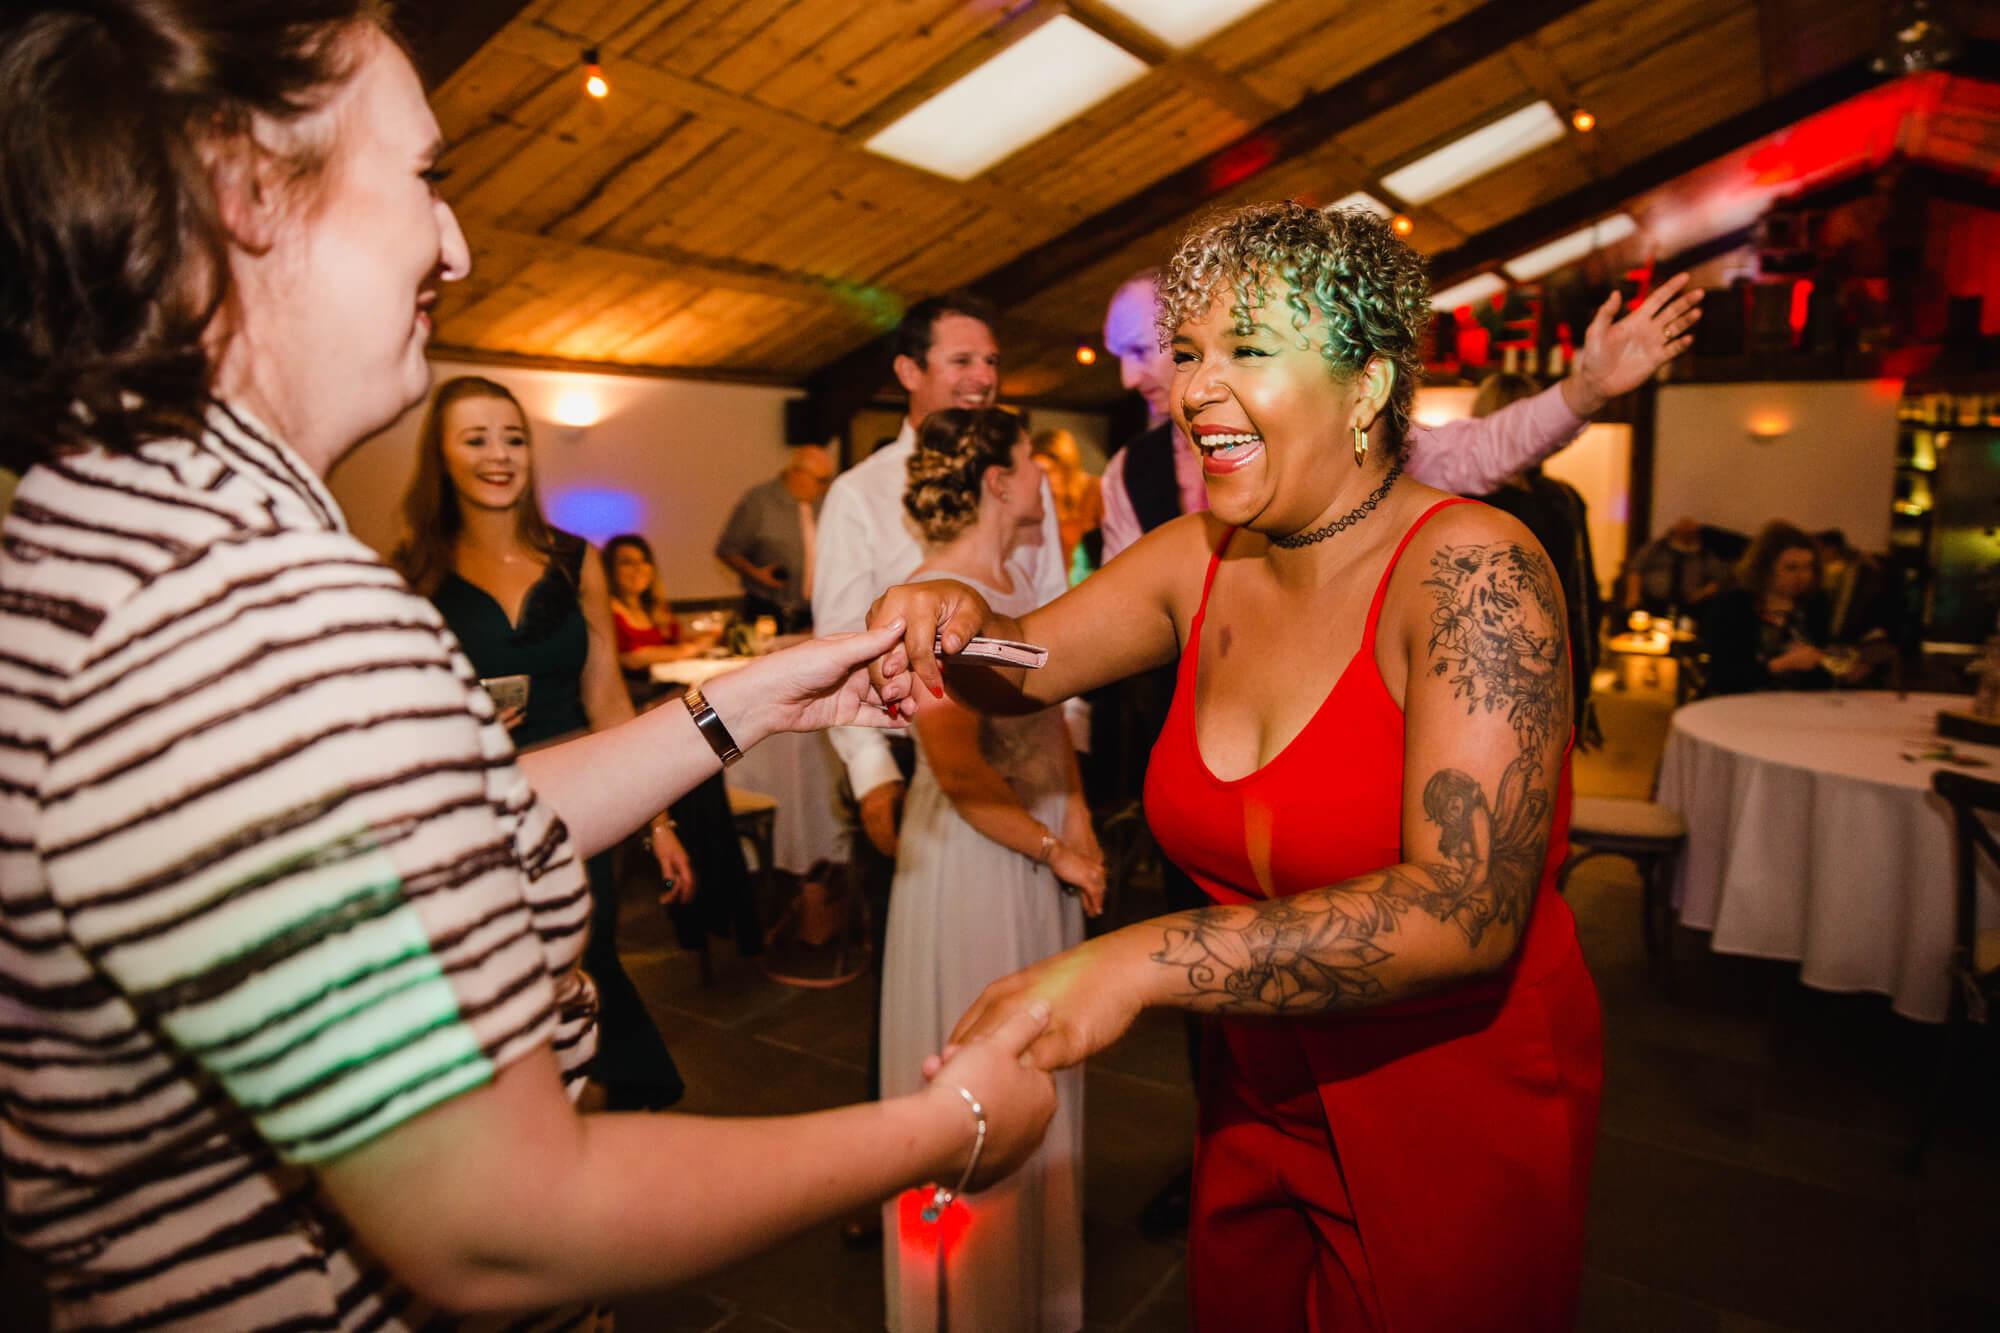 wedding guests dancing on dance floor and having fun